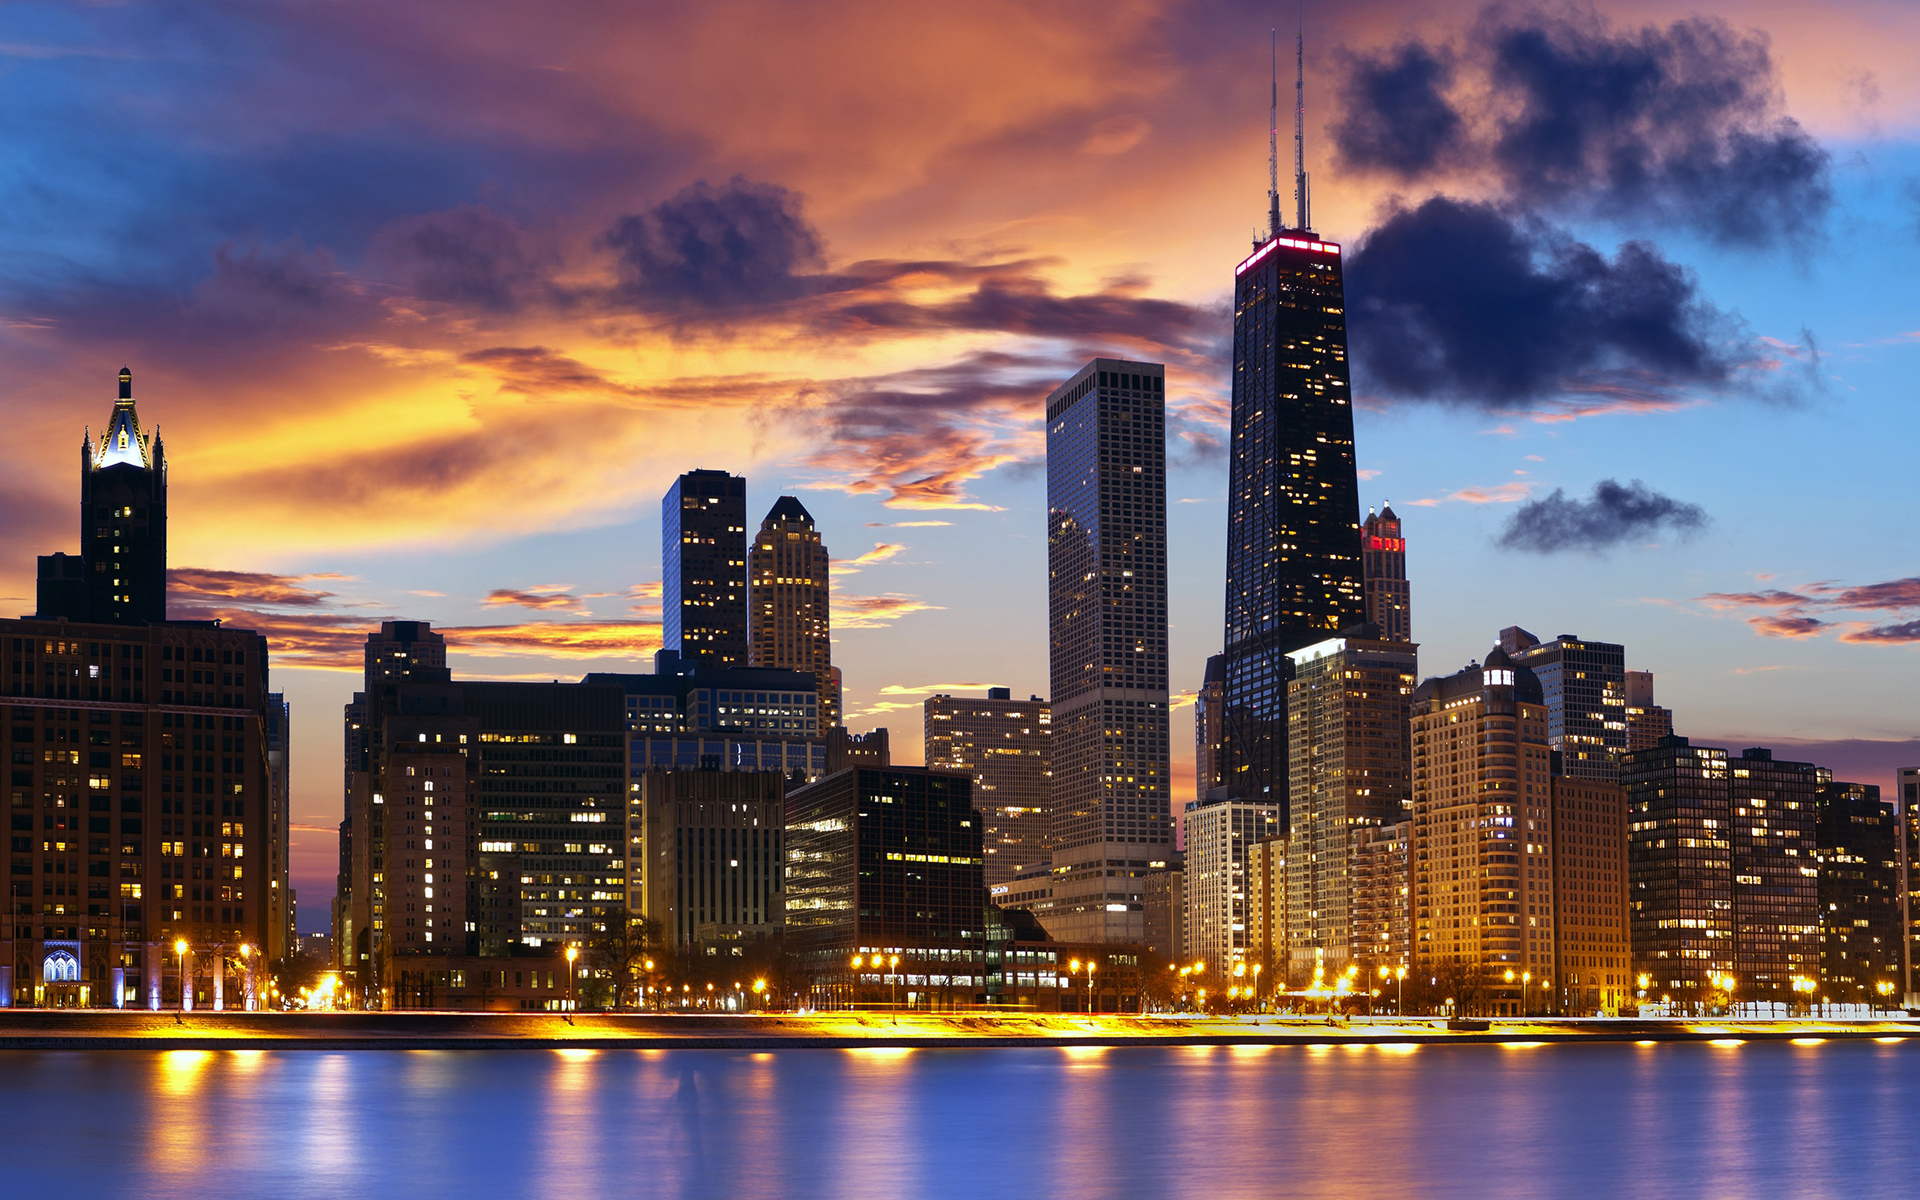 продажа картинки ночного города высокого разрешения подходит для